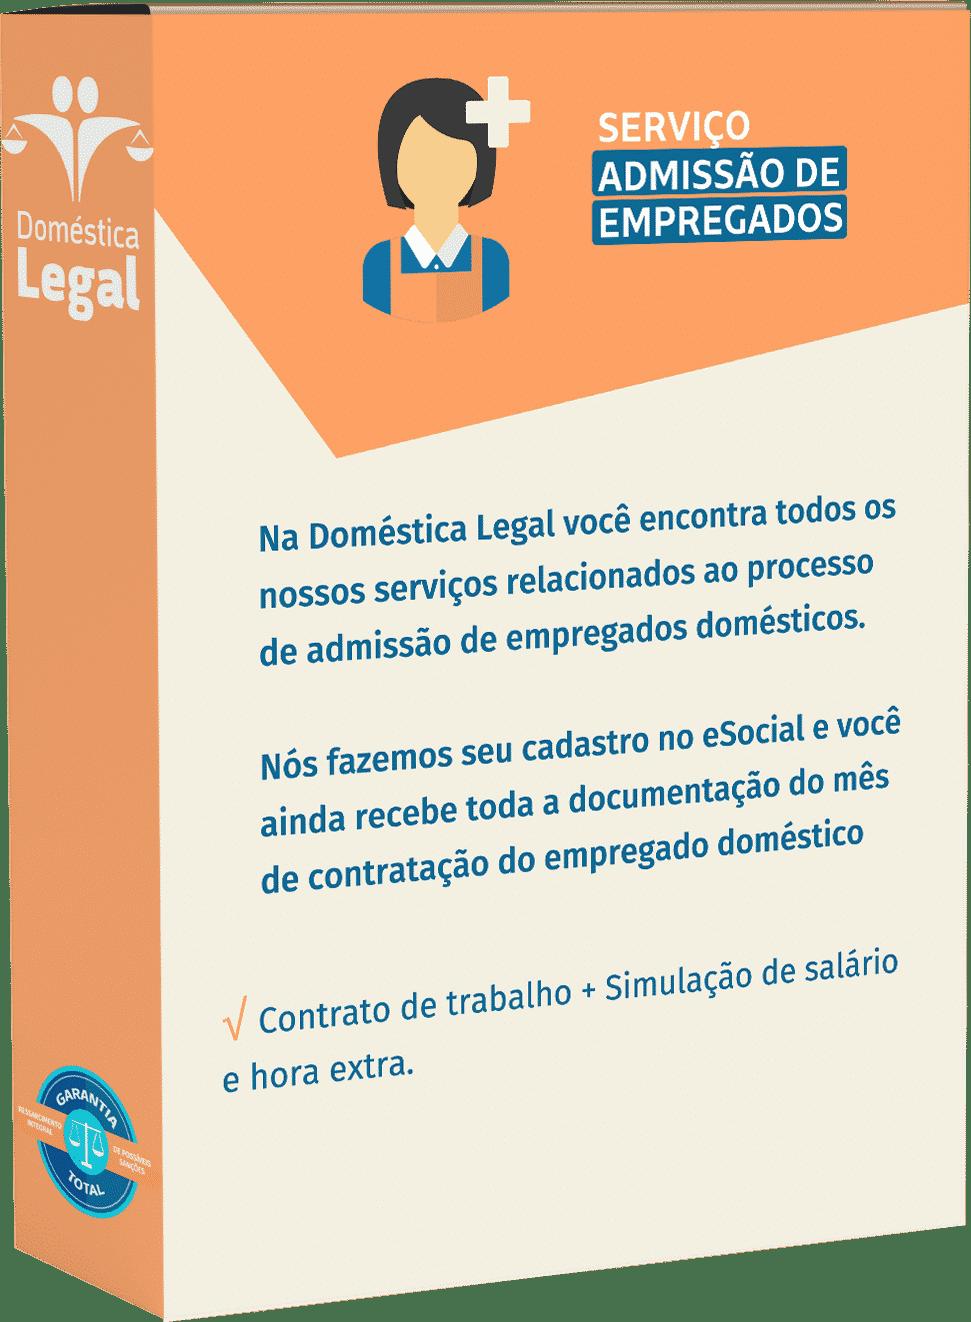 mockup_Admissão_de_empregados